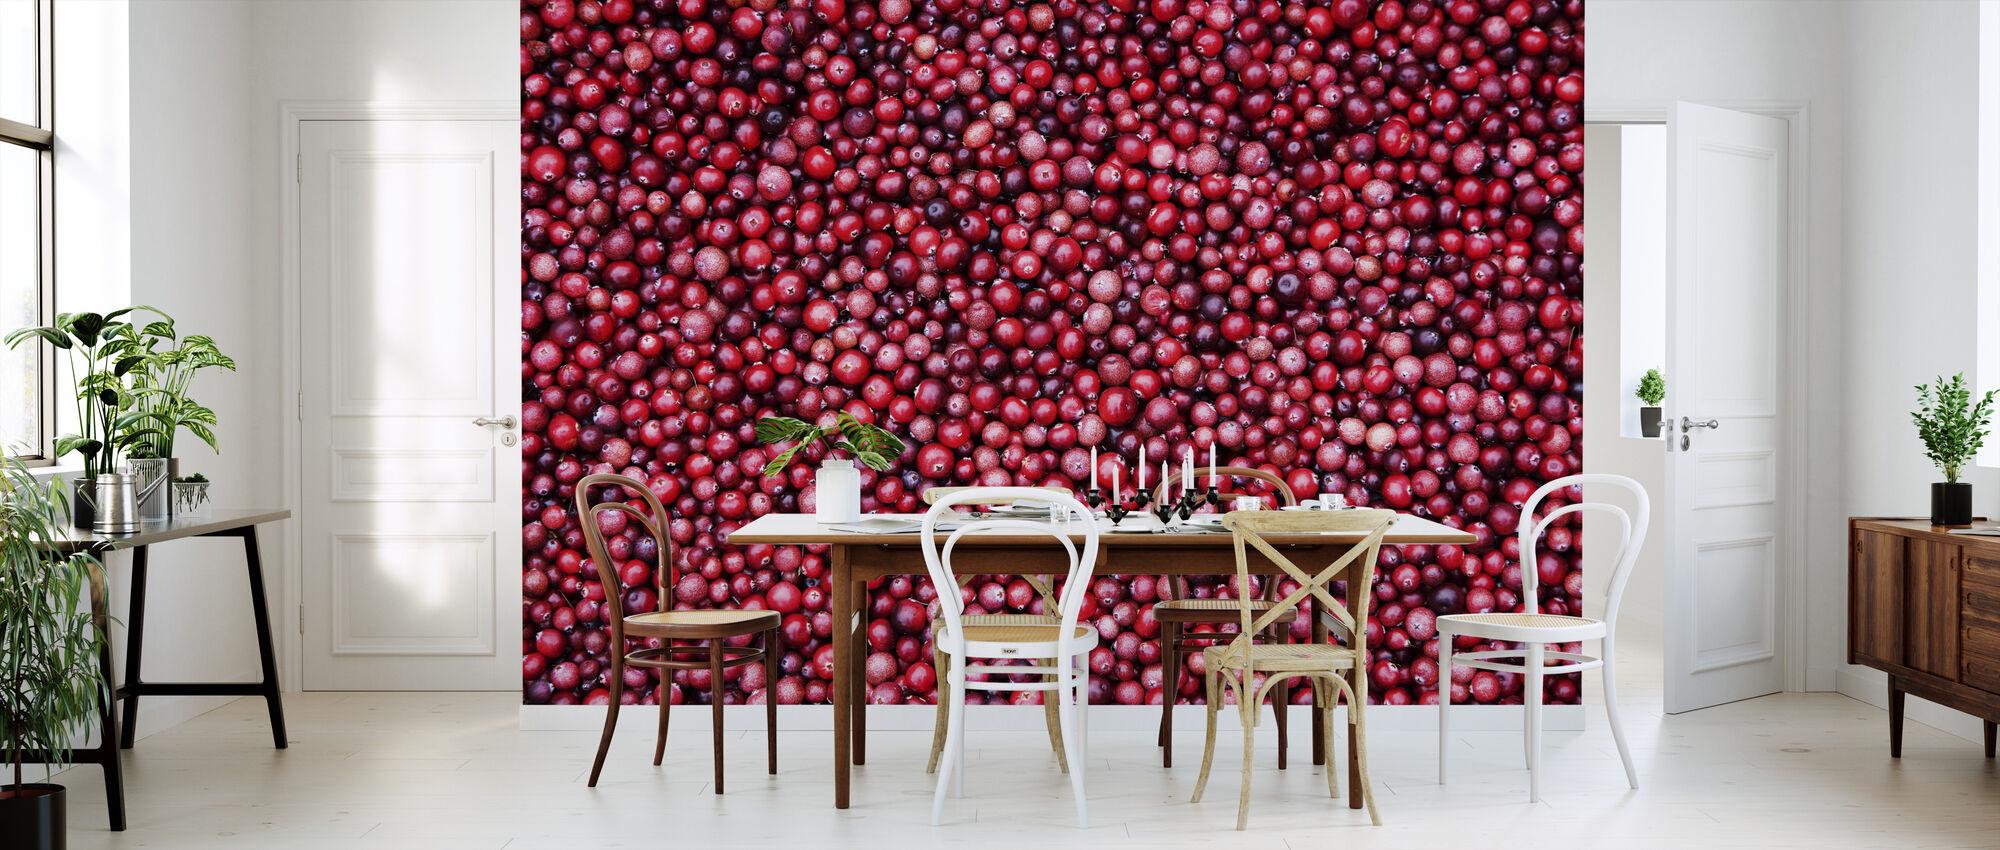 Tyttebær - Tapet - Kjøkken